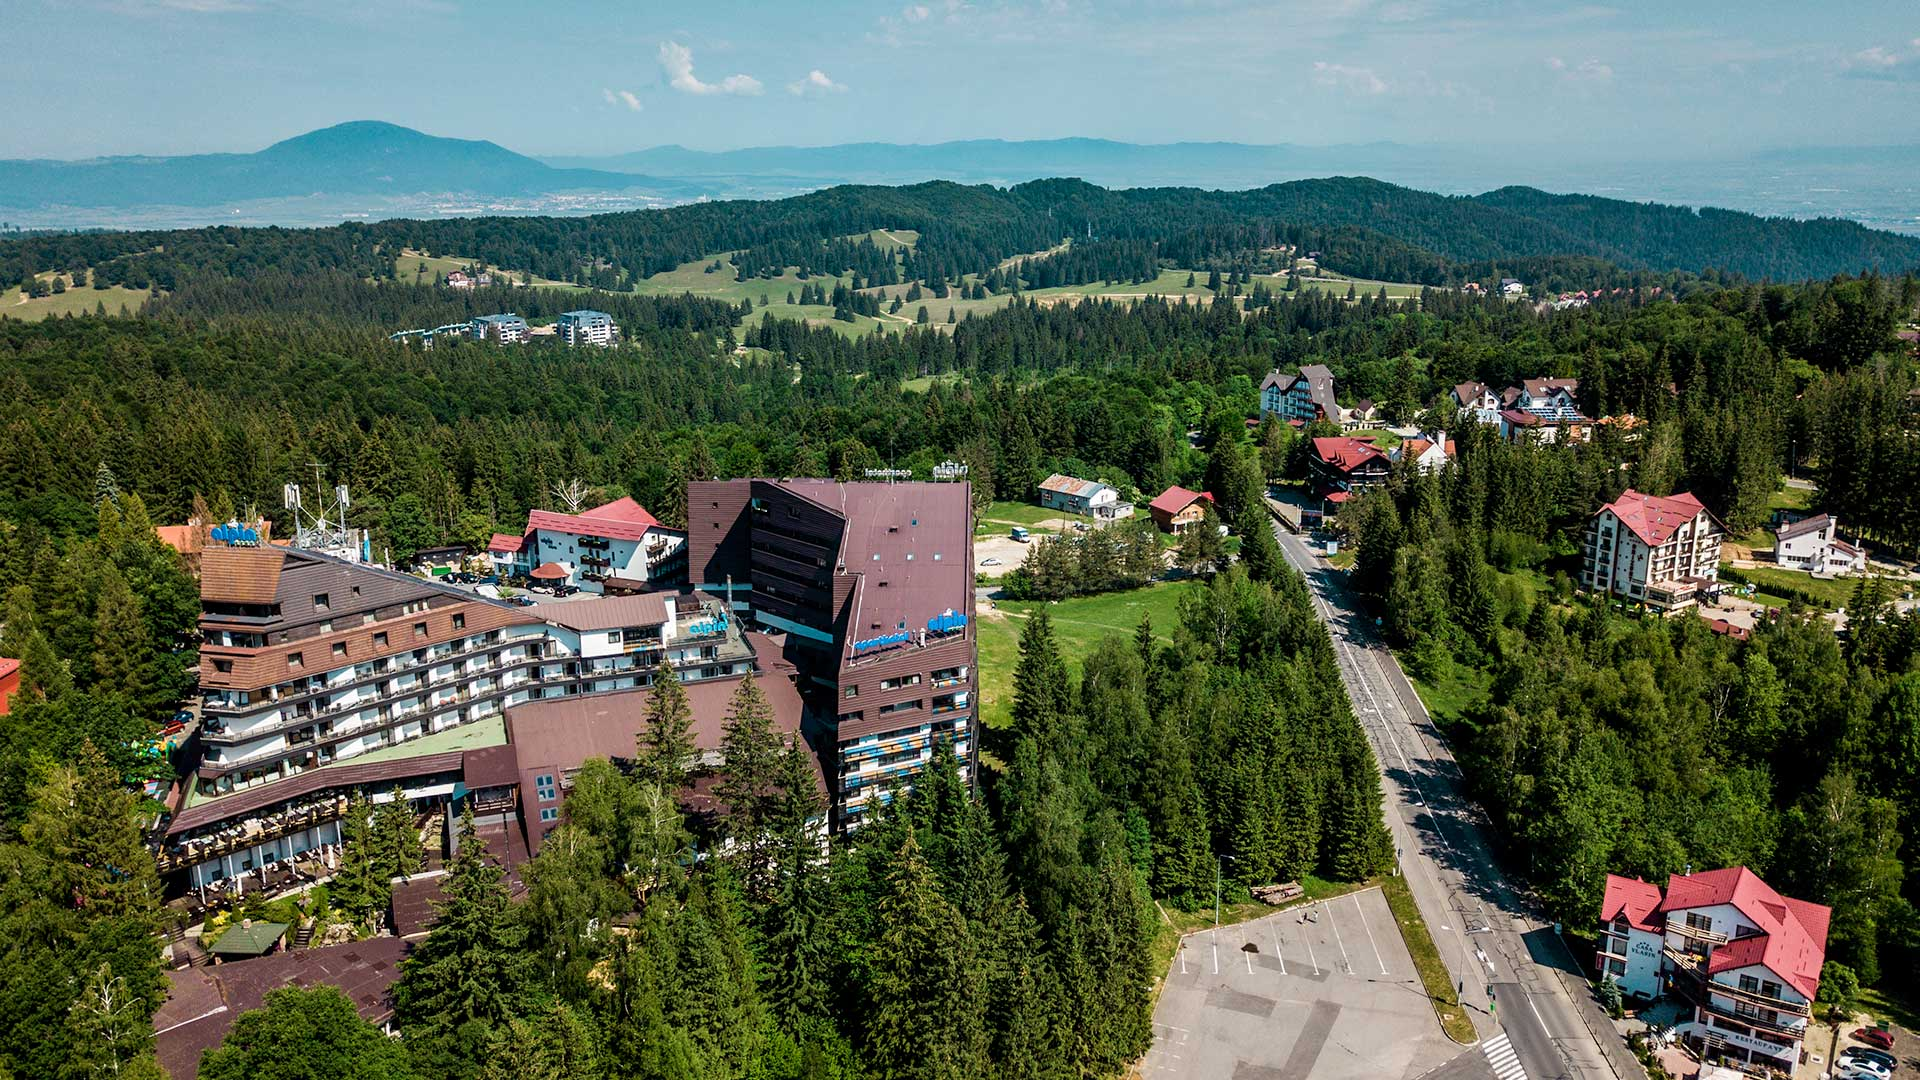 Alpin Conference Center Evenimente Corporate La Inaltime